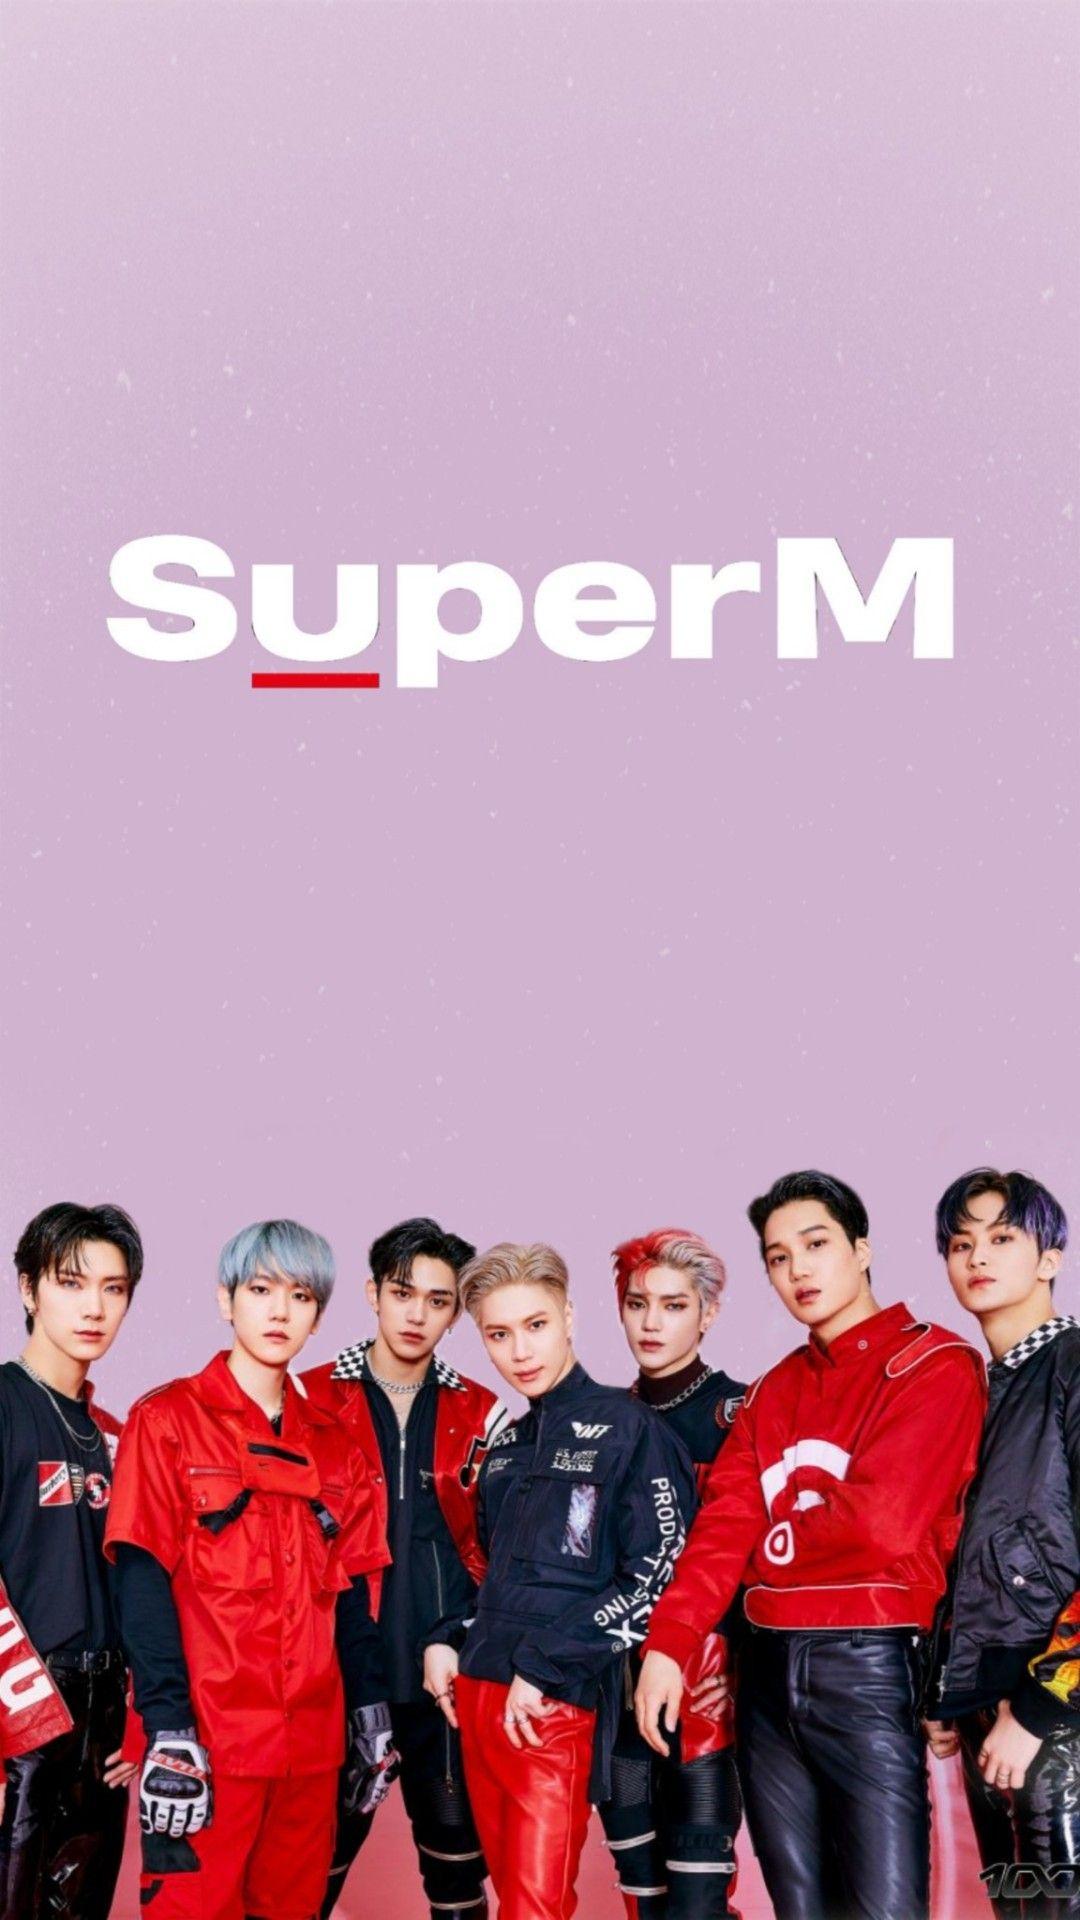 K Wallpaper Super M Superm Kpop Super Lucas Nct